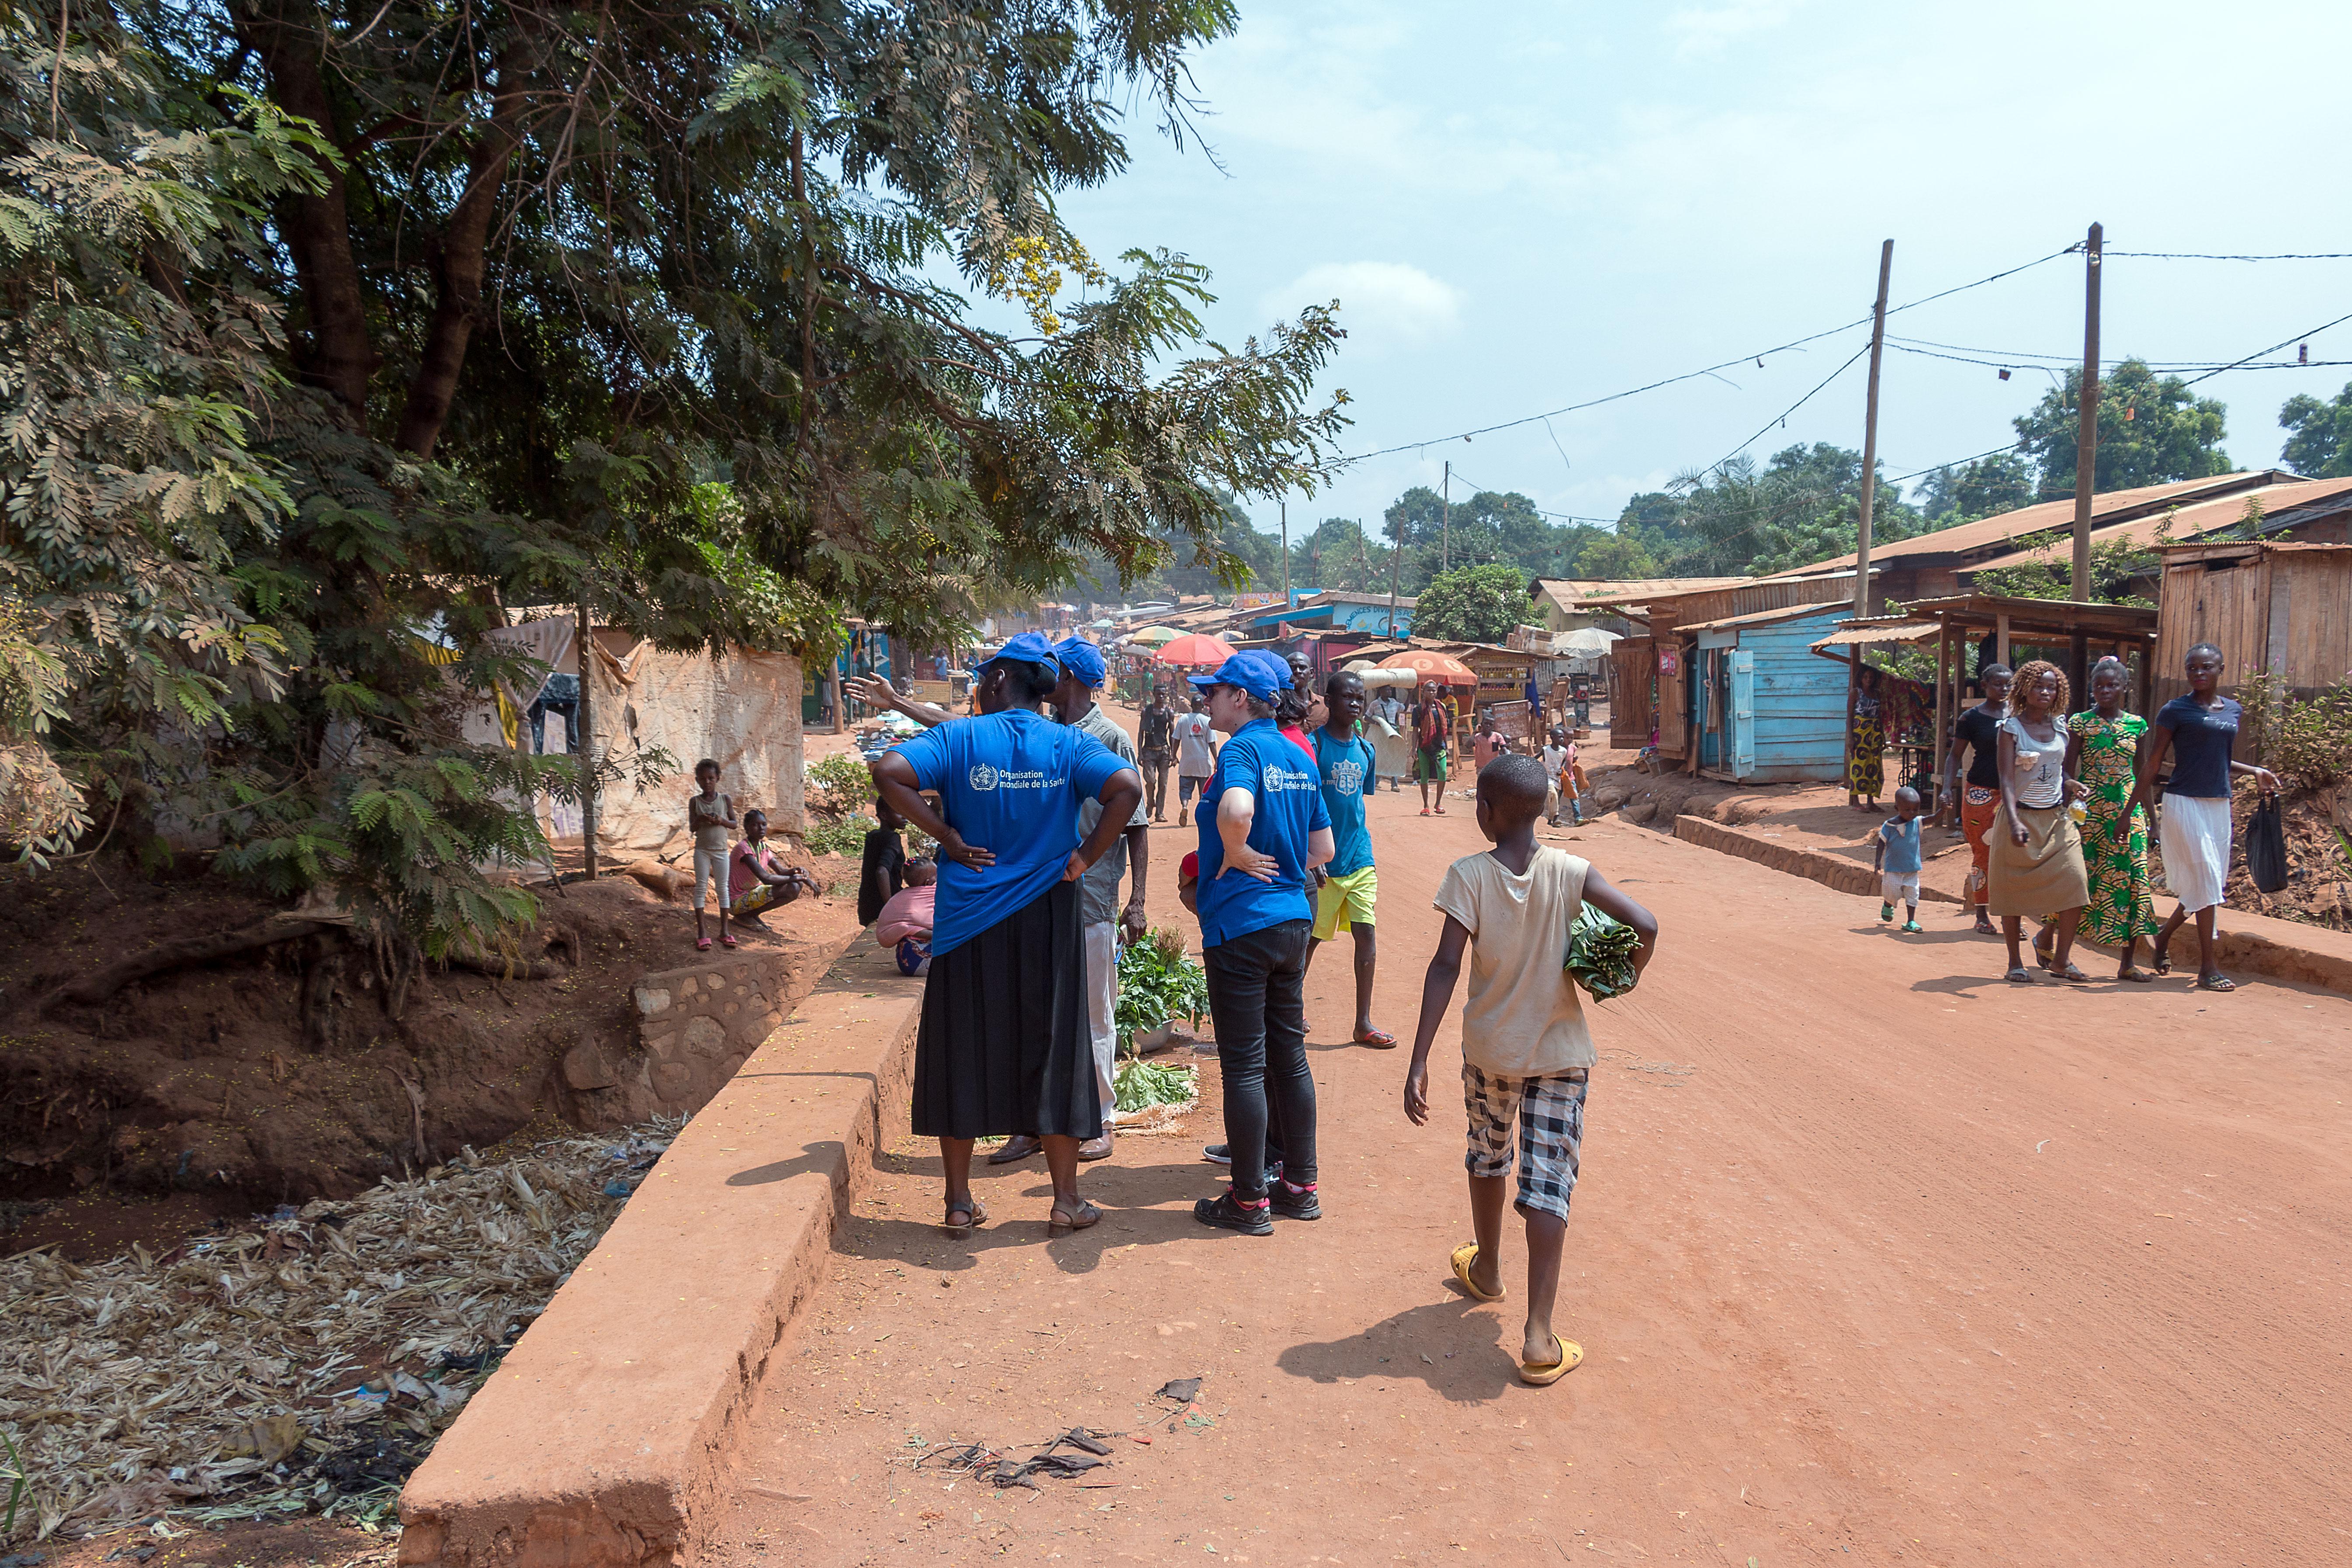 La surveillance environnementale du virus de la poliomyélite forme un tandem important avec la campagne de vaccination dans la riposte du Ministère de la Santé contre l'épidémie de Poliovirus en République Centrafricaine. Elle est indispensable car l'immense majorité des infections par le Poliovirus sont asymptomatiques, facilitant sa circulation silencieuse.